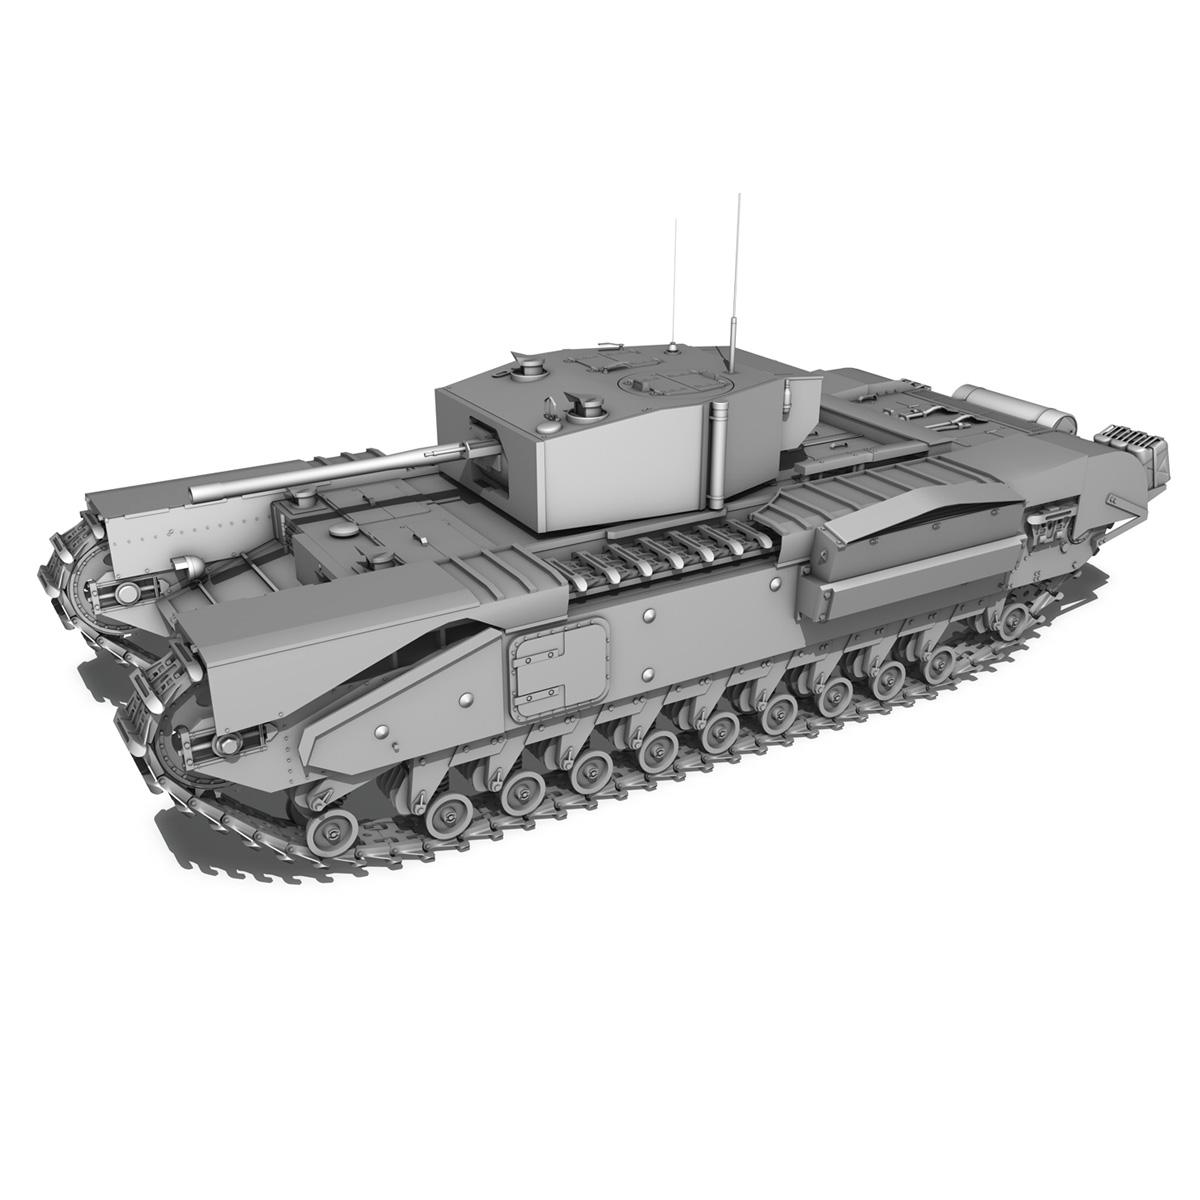 churchill infantry tank mk.iii 3d model 3ds fbx c4d lwo obj 271962